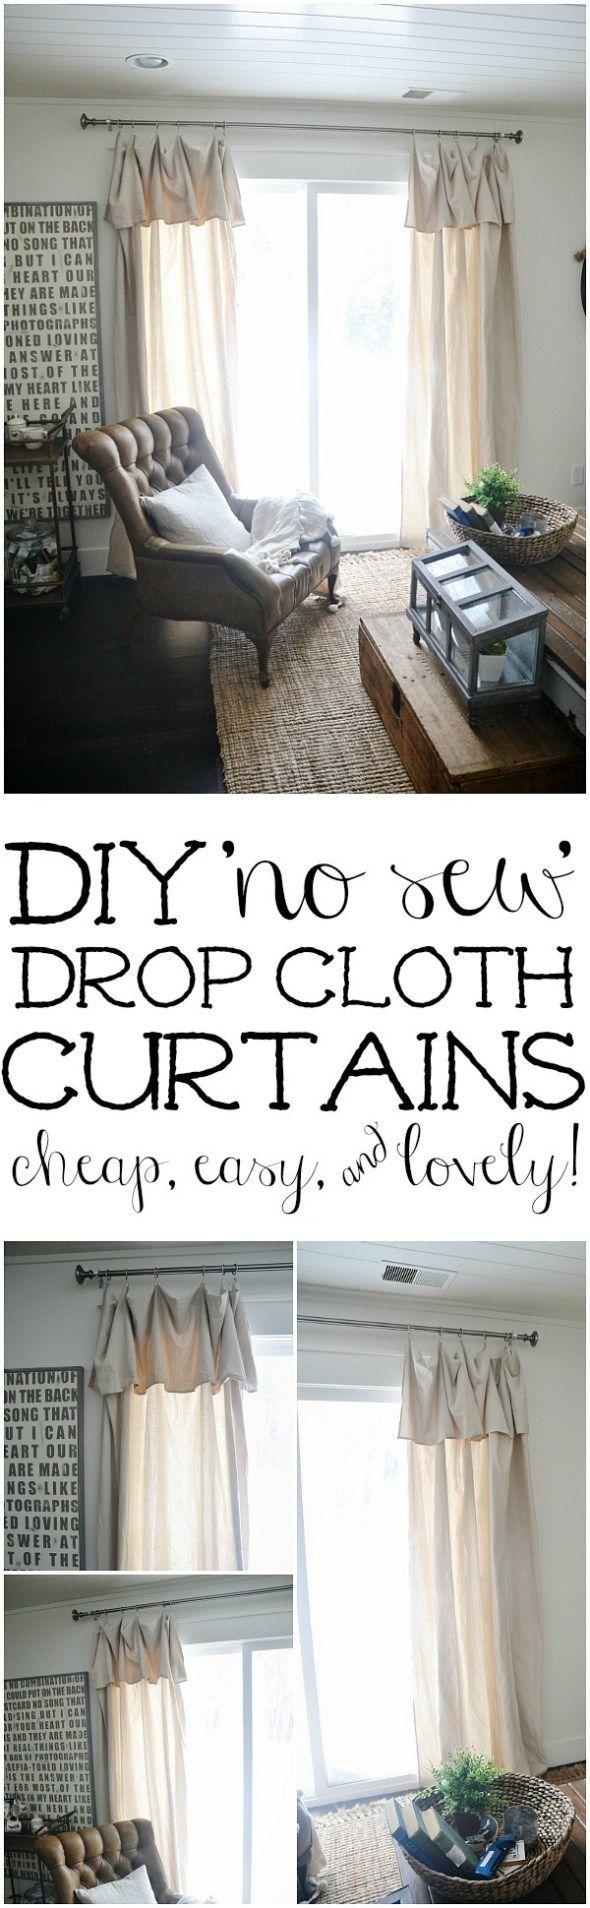 No sew drop cloth curtains -